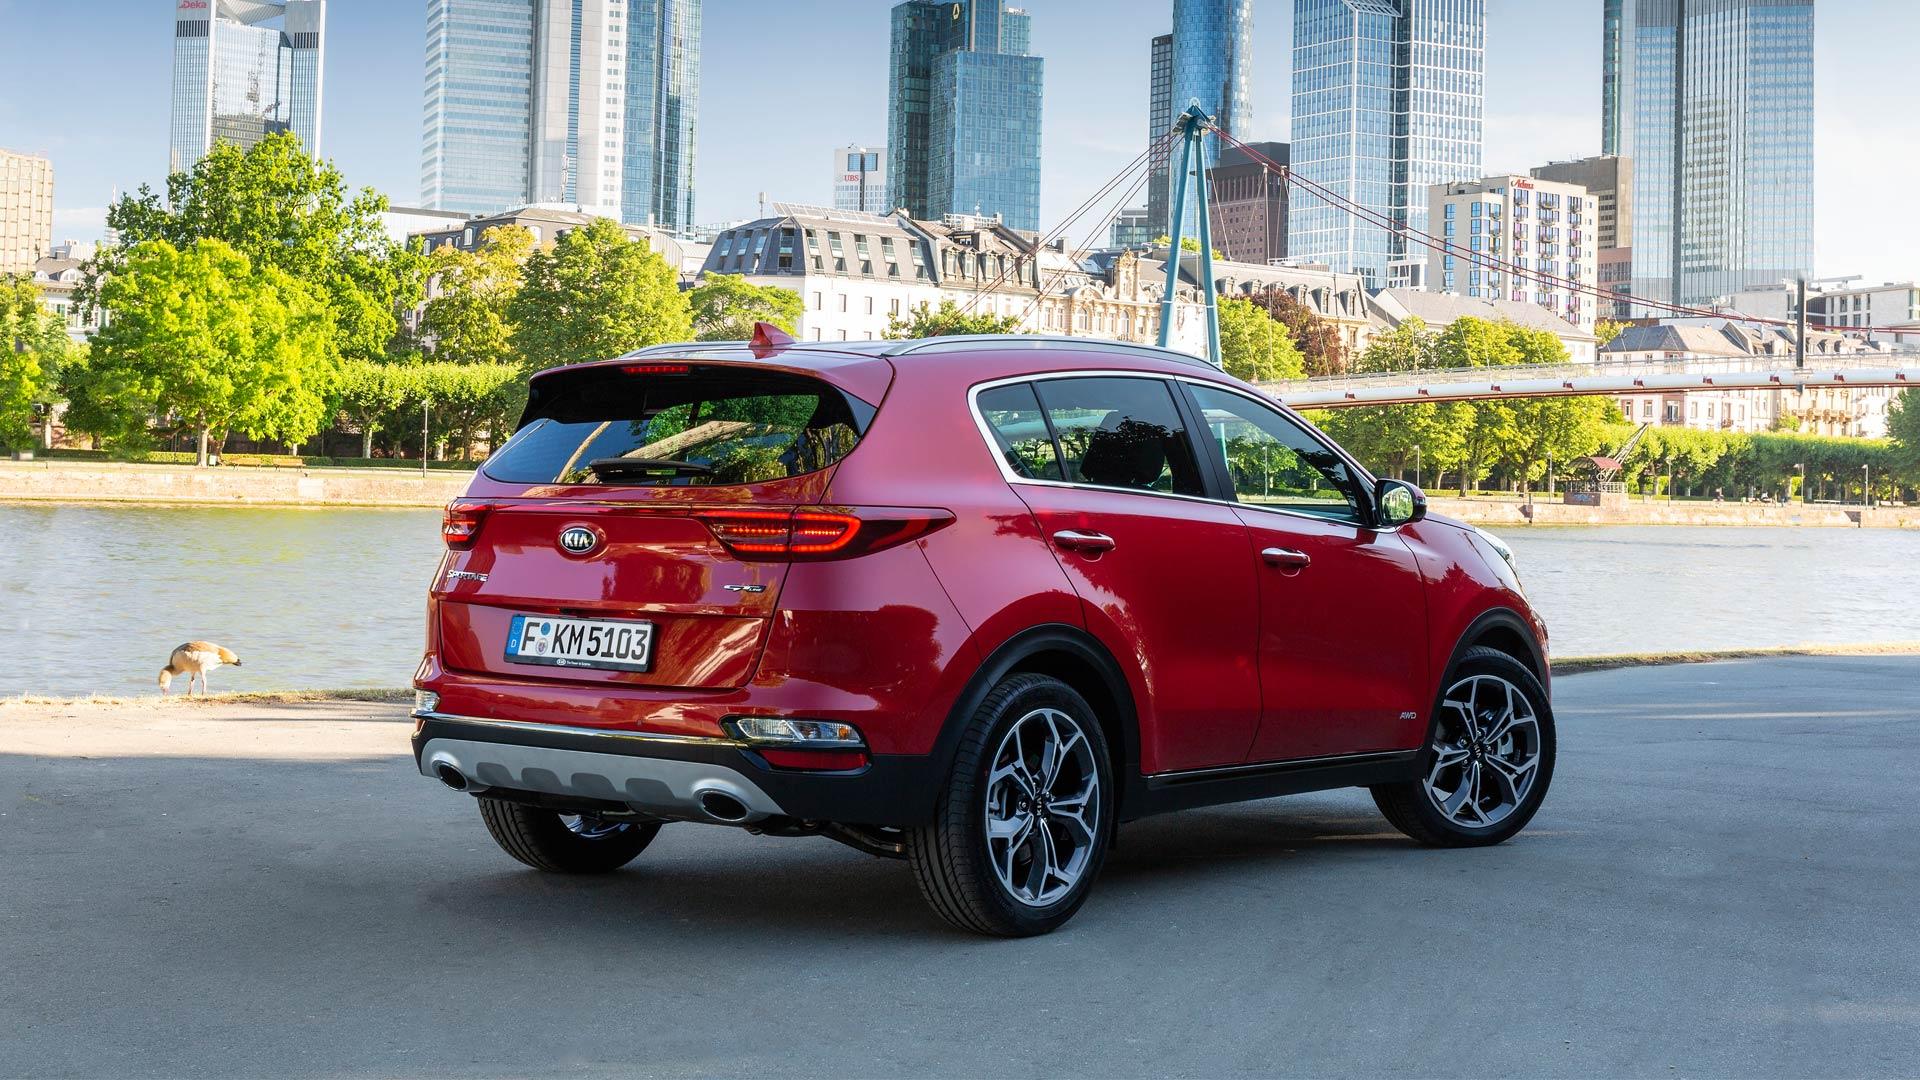 2018-Kia-Sportage-facelift_3